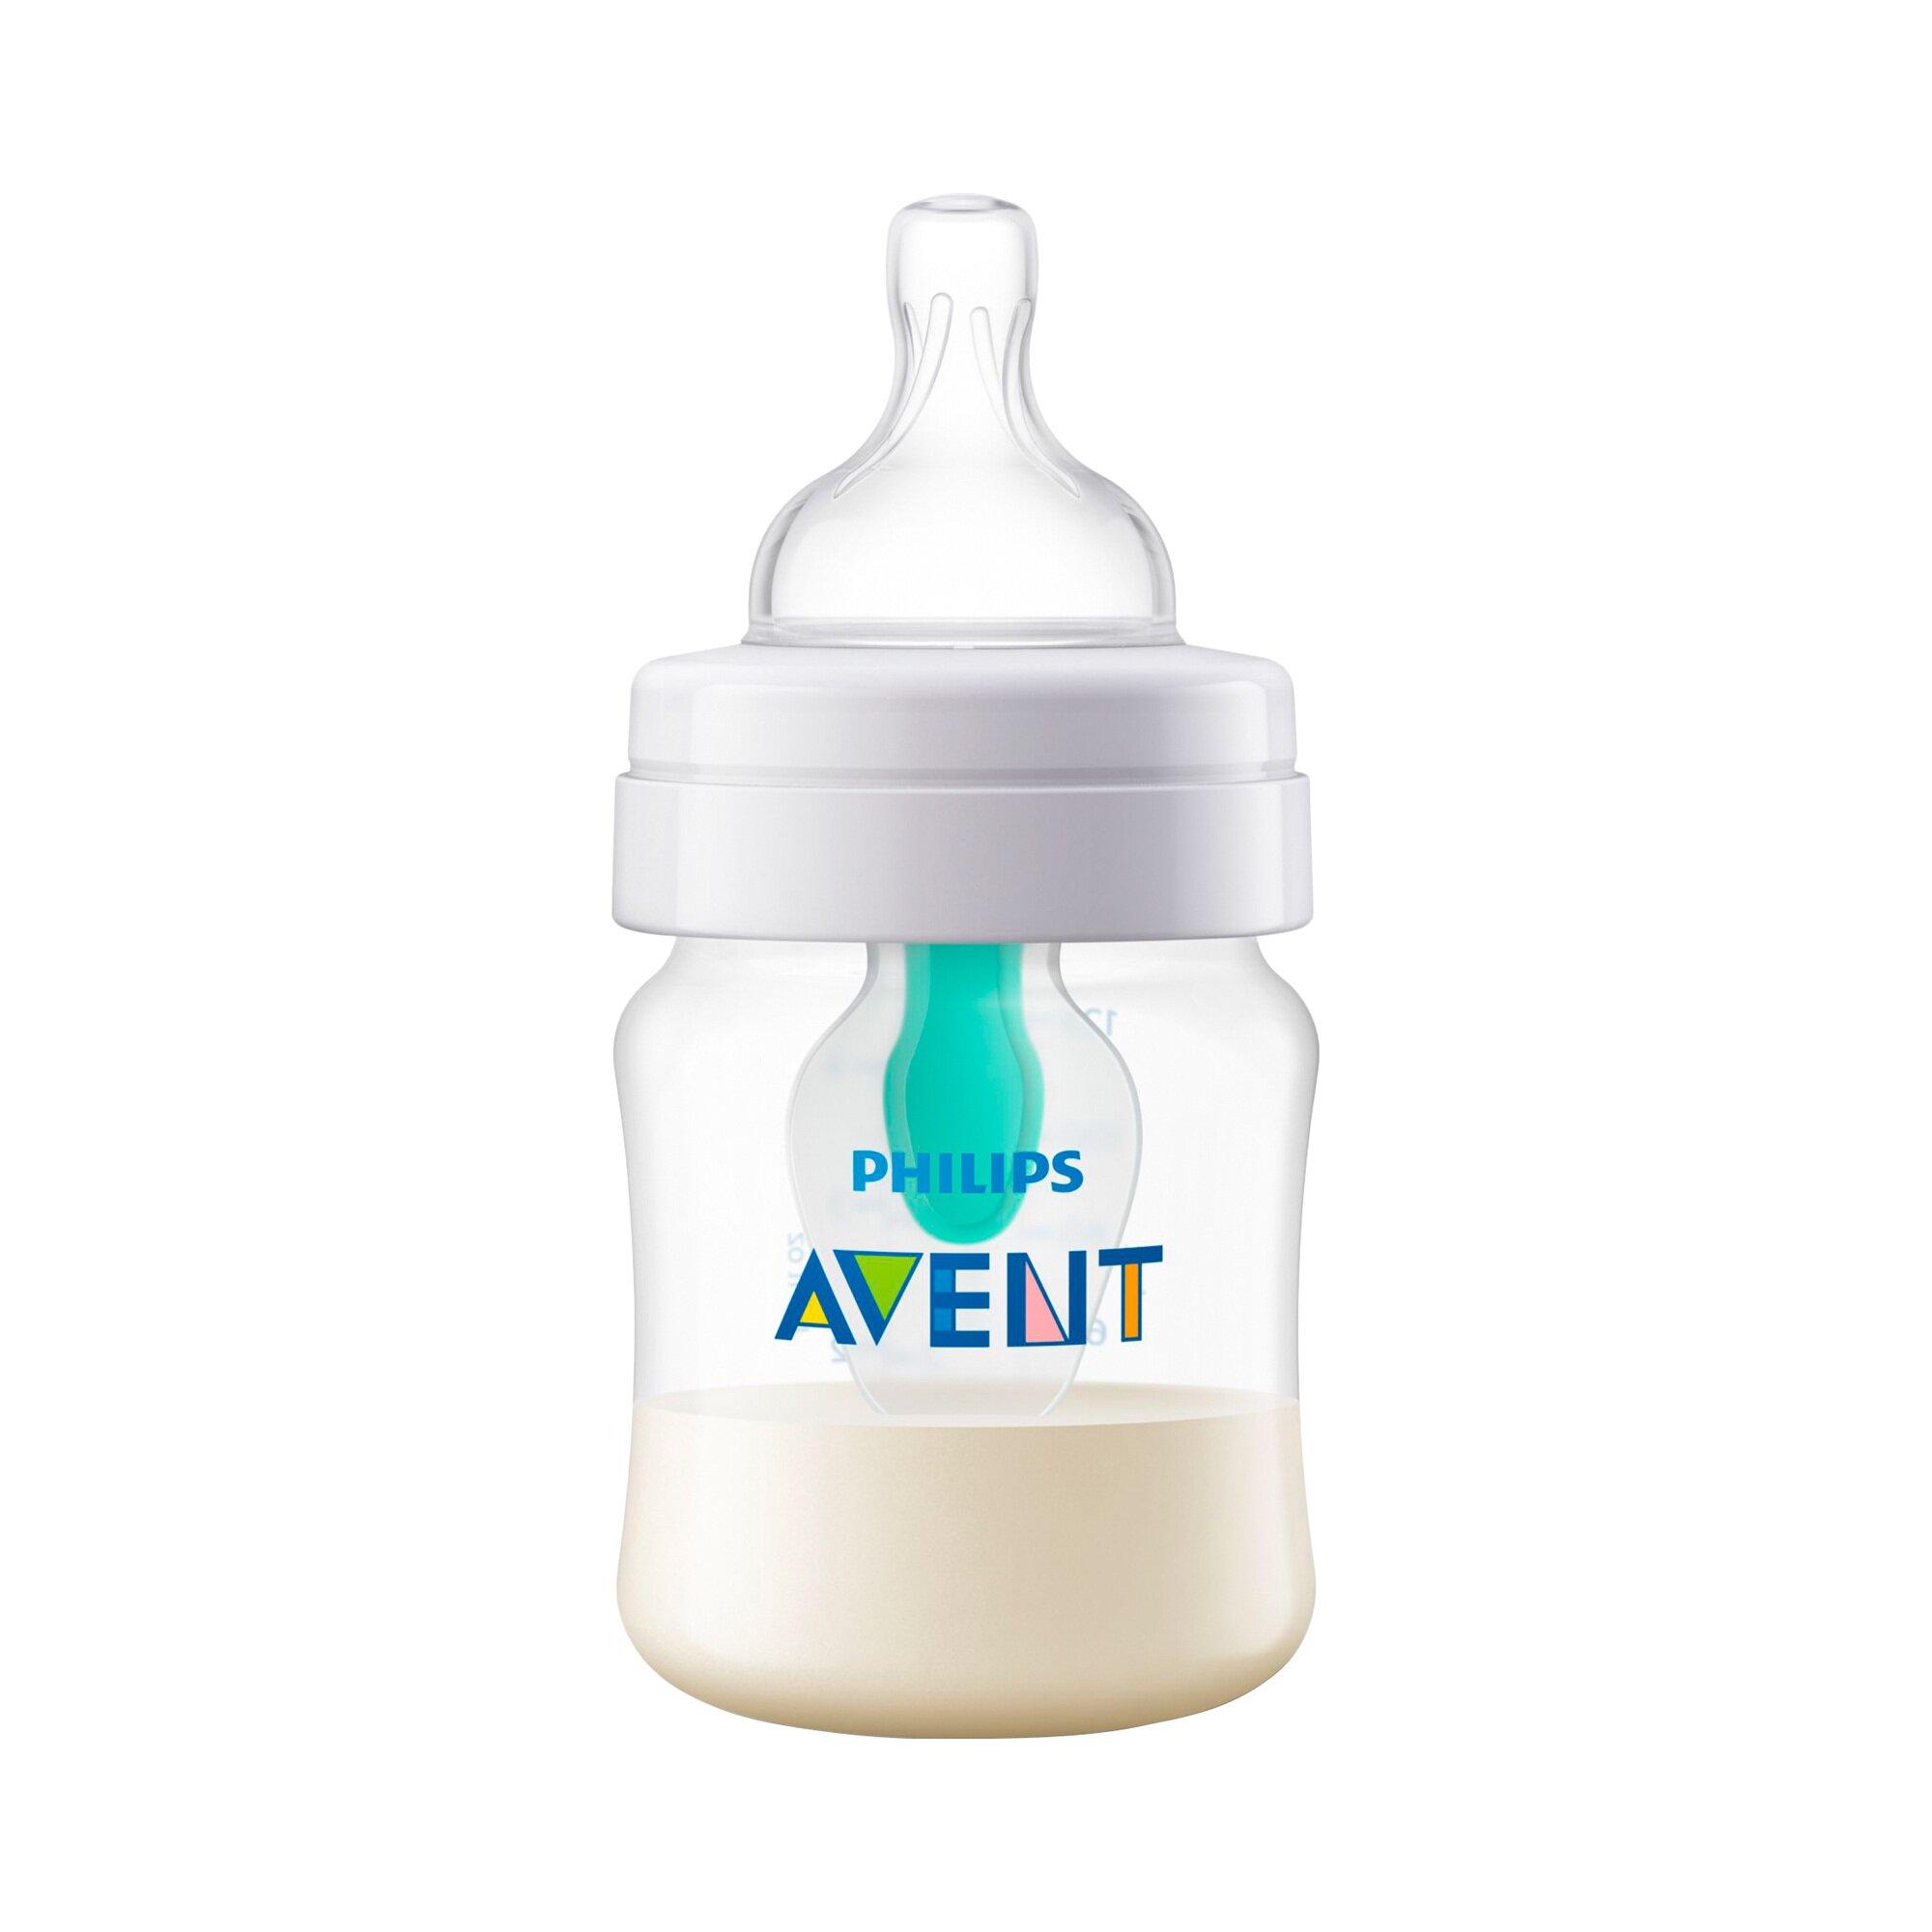 philips-avent-anti-kolik-weithals-flasche-klassik-scf810-14-mit-airfree-ventileinsatz-125ml-kunststoff-ab-geburt